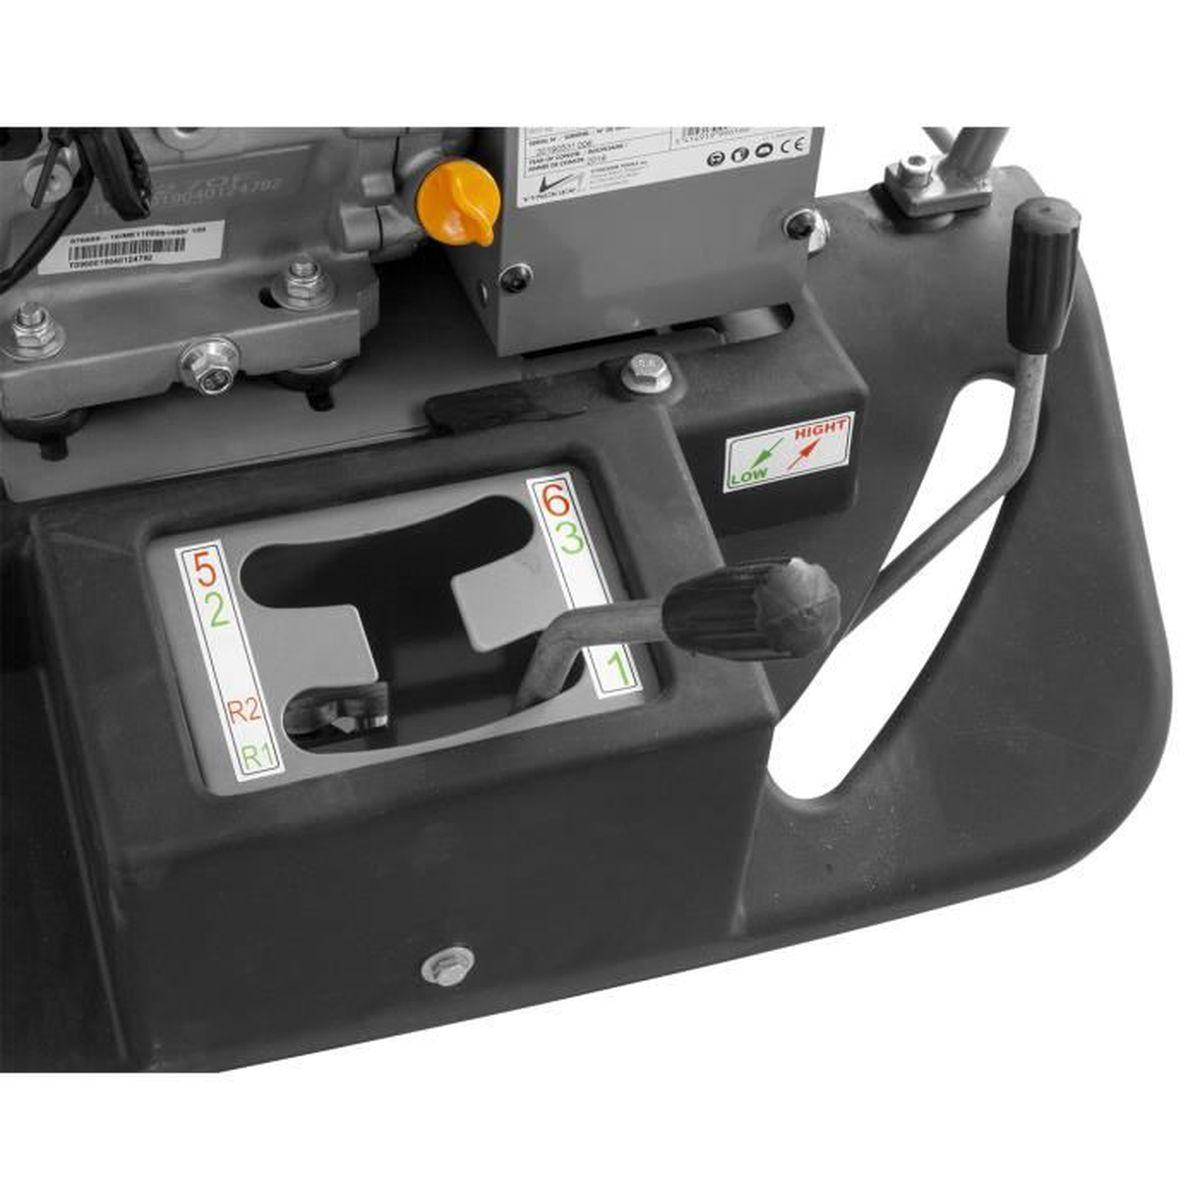 Mini Dumper à Chenilles 500kg 6f 2r Mw Tools Mrd500h6 Achat Vente Brouette Mini Dumper à Chenilles 500kg Cdiscount